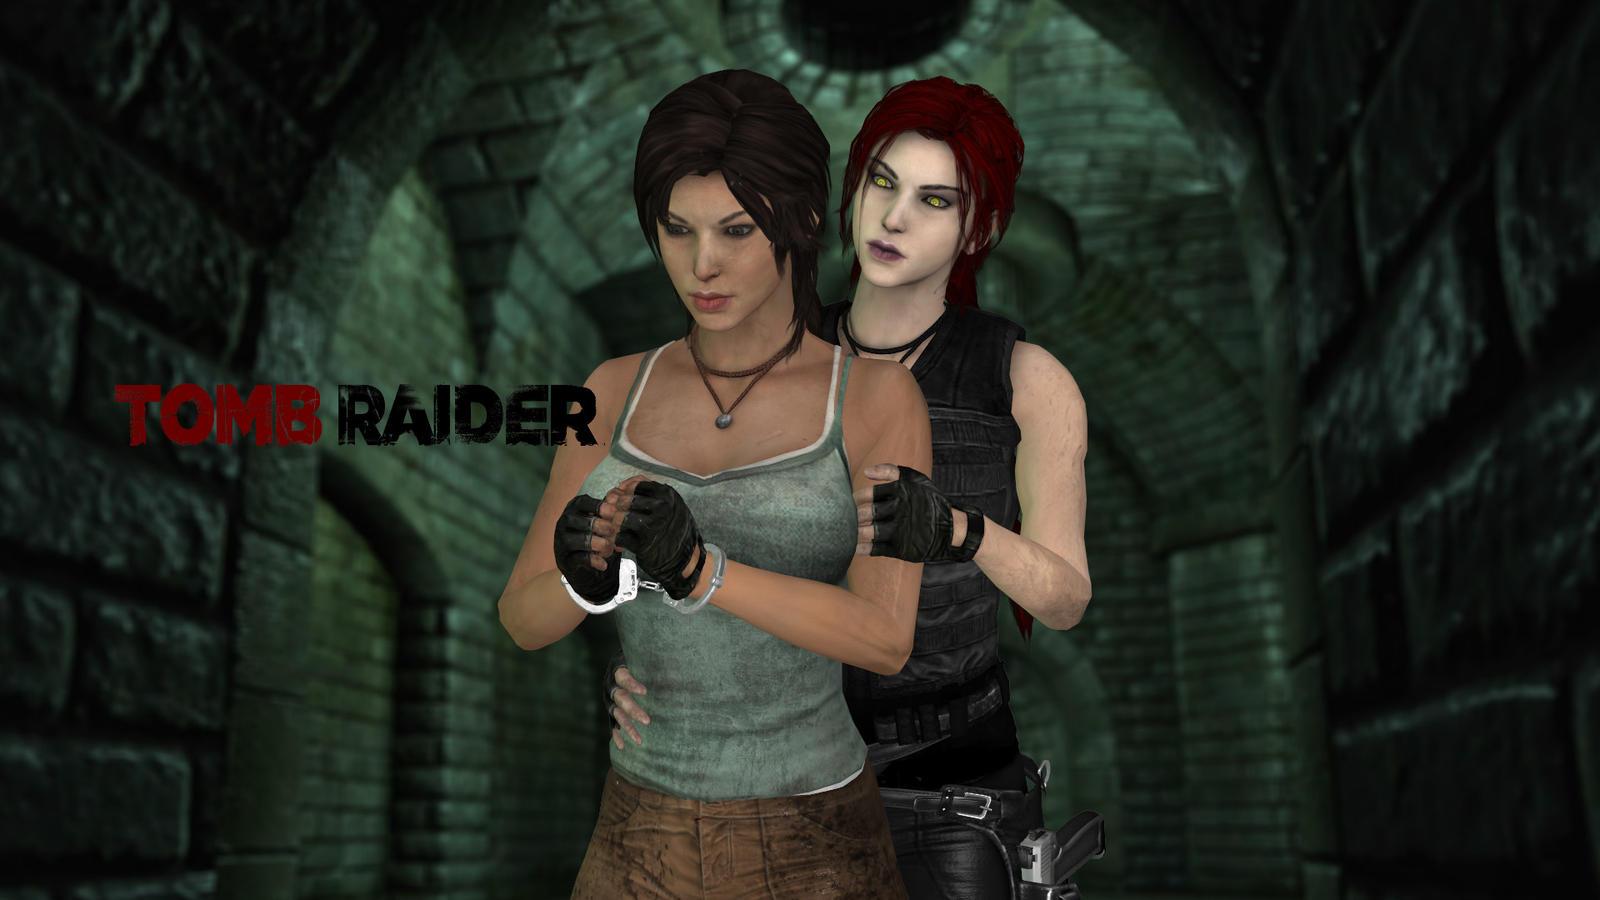 Lara croft as a slave erotic clips